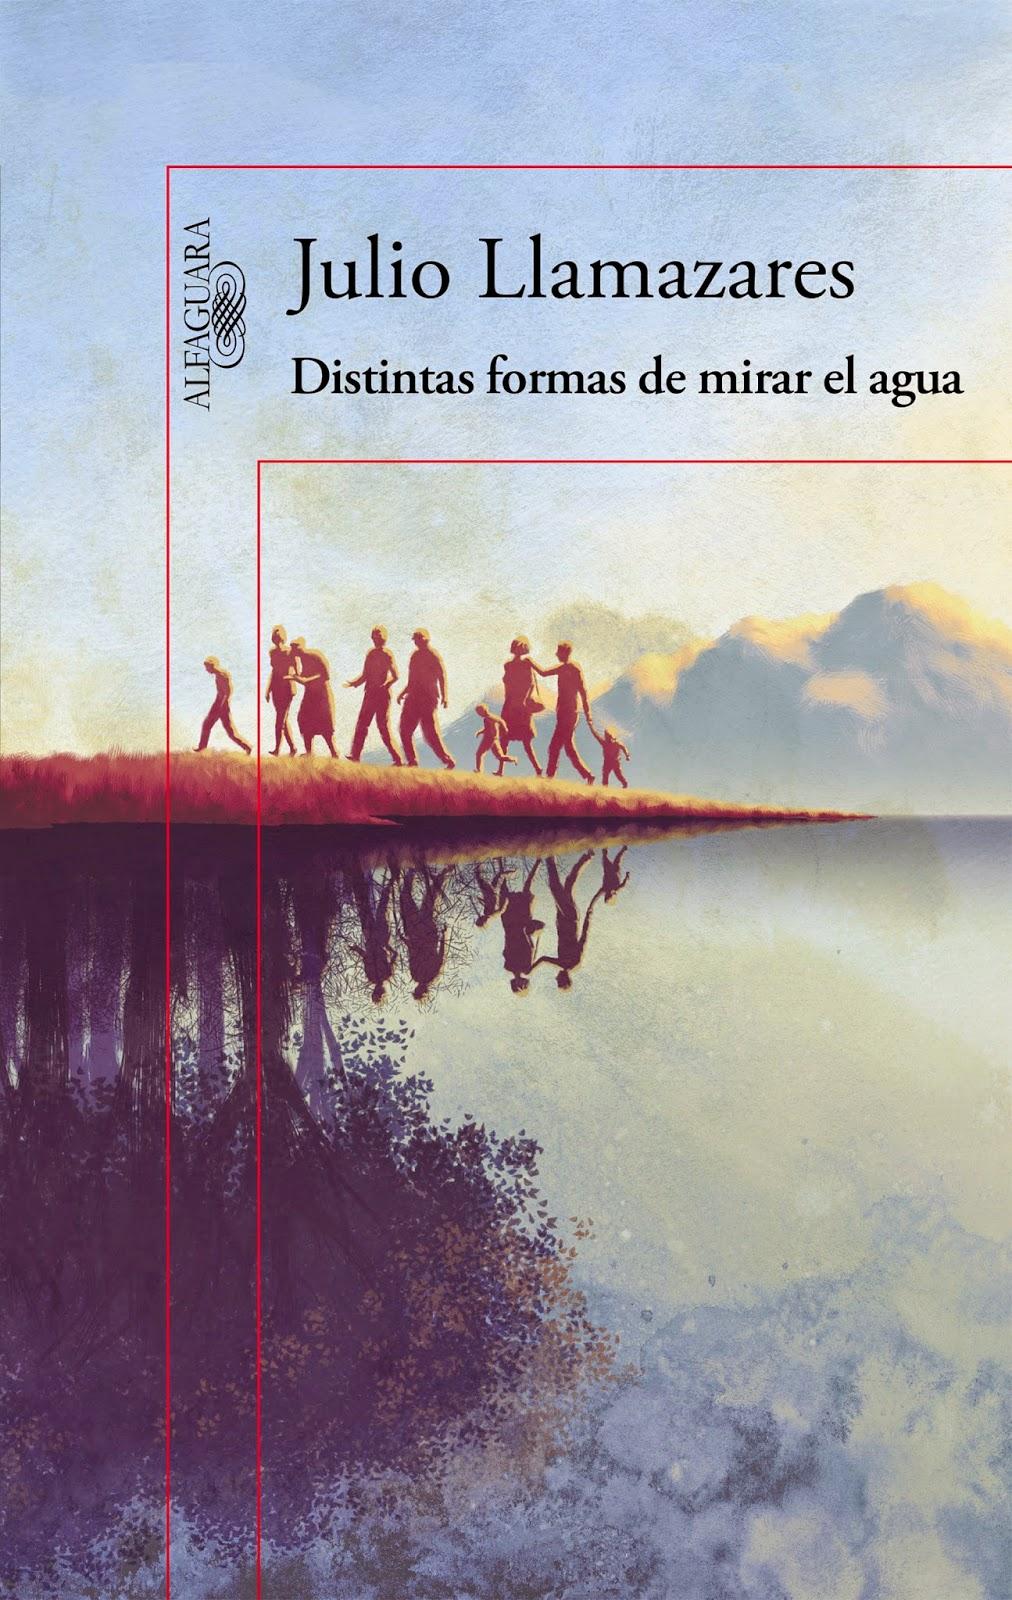 Ranking Semanal: Número 9. Distintas formas de mirar el agua, de Julio Llamazares.